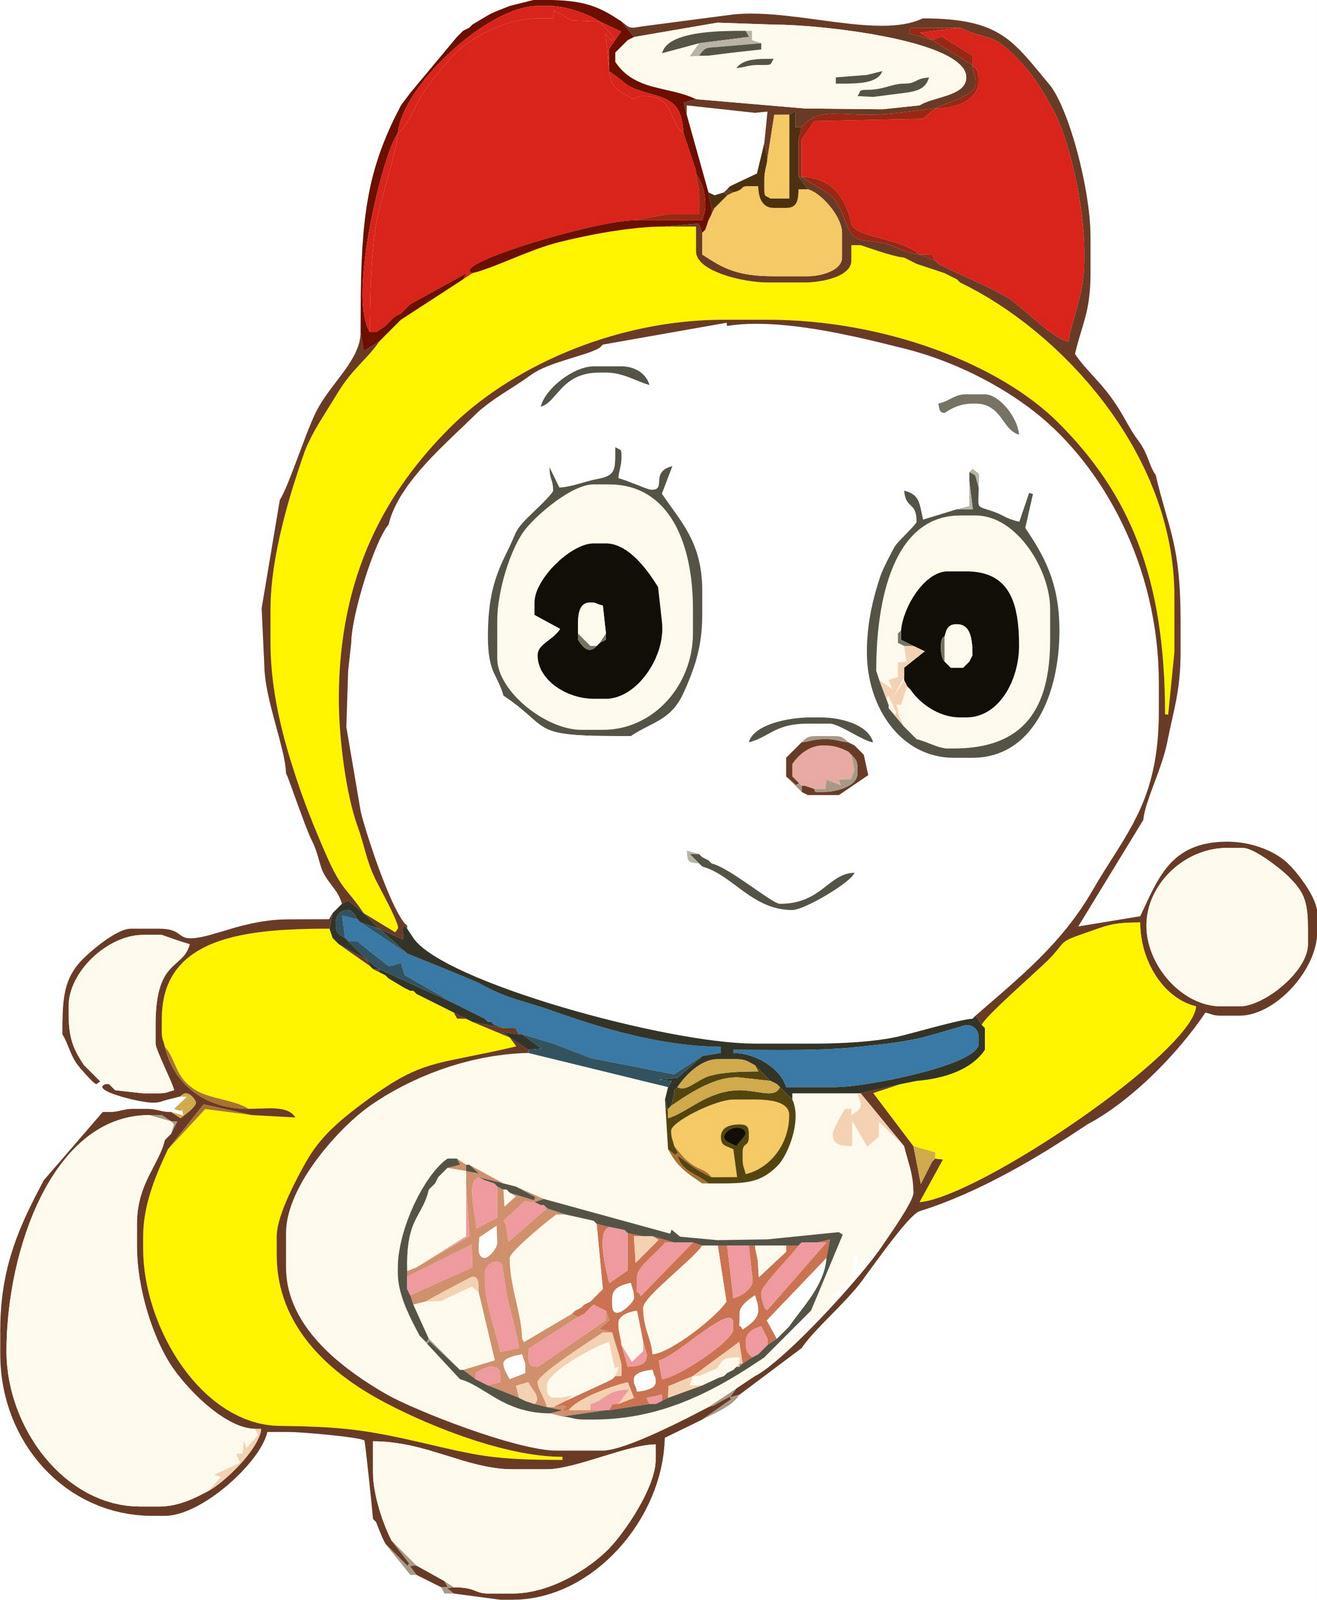 Doraemon Closing Lirik Lagu Kartun Anak